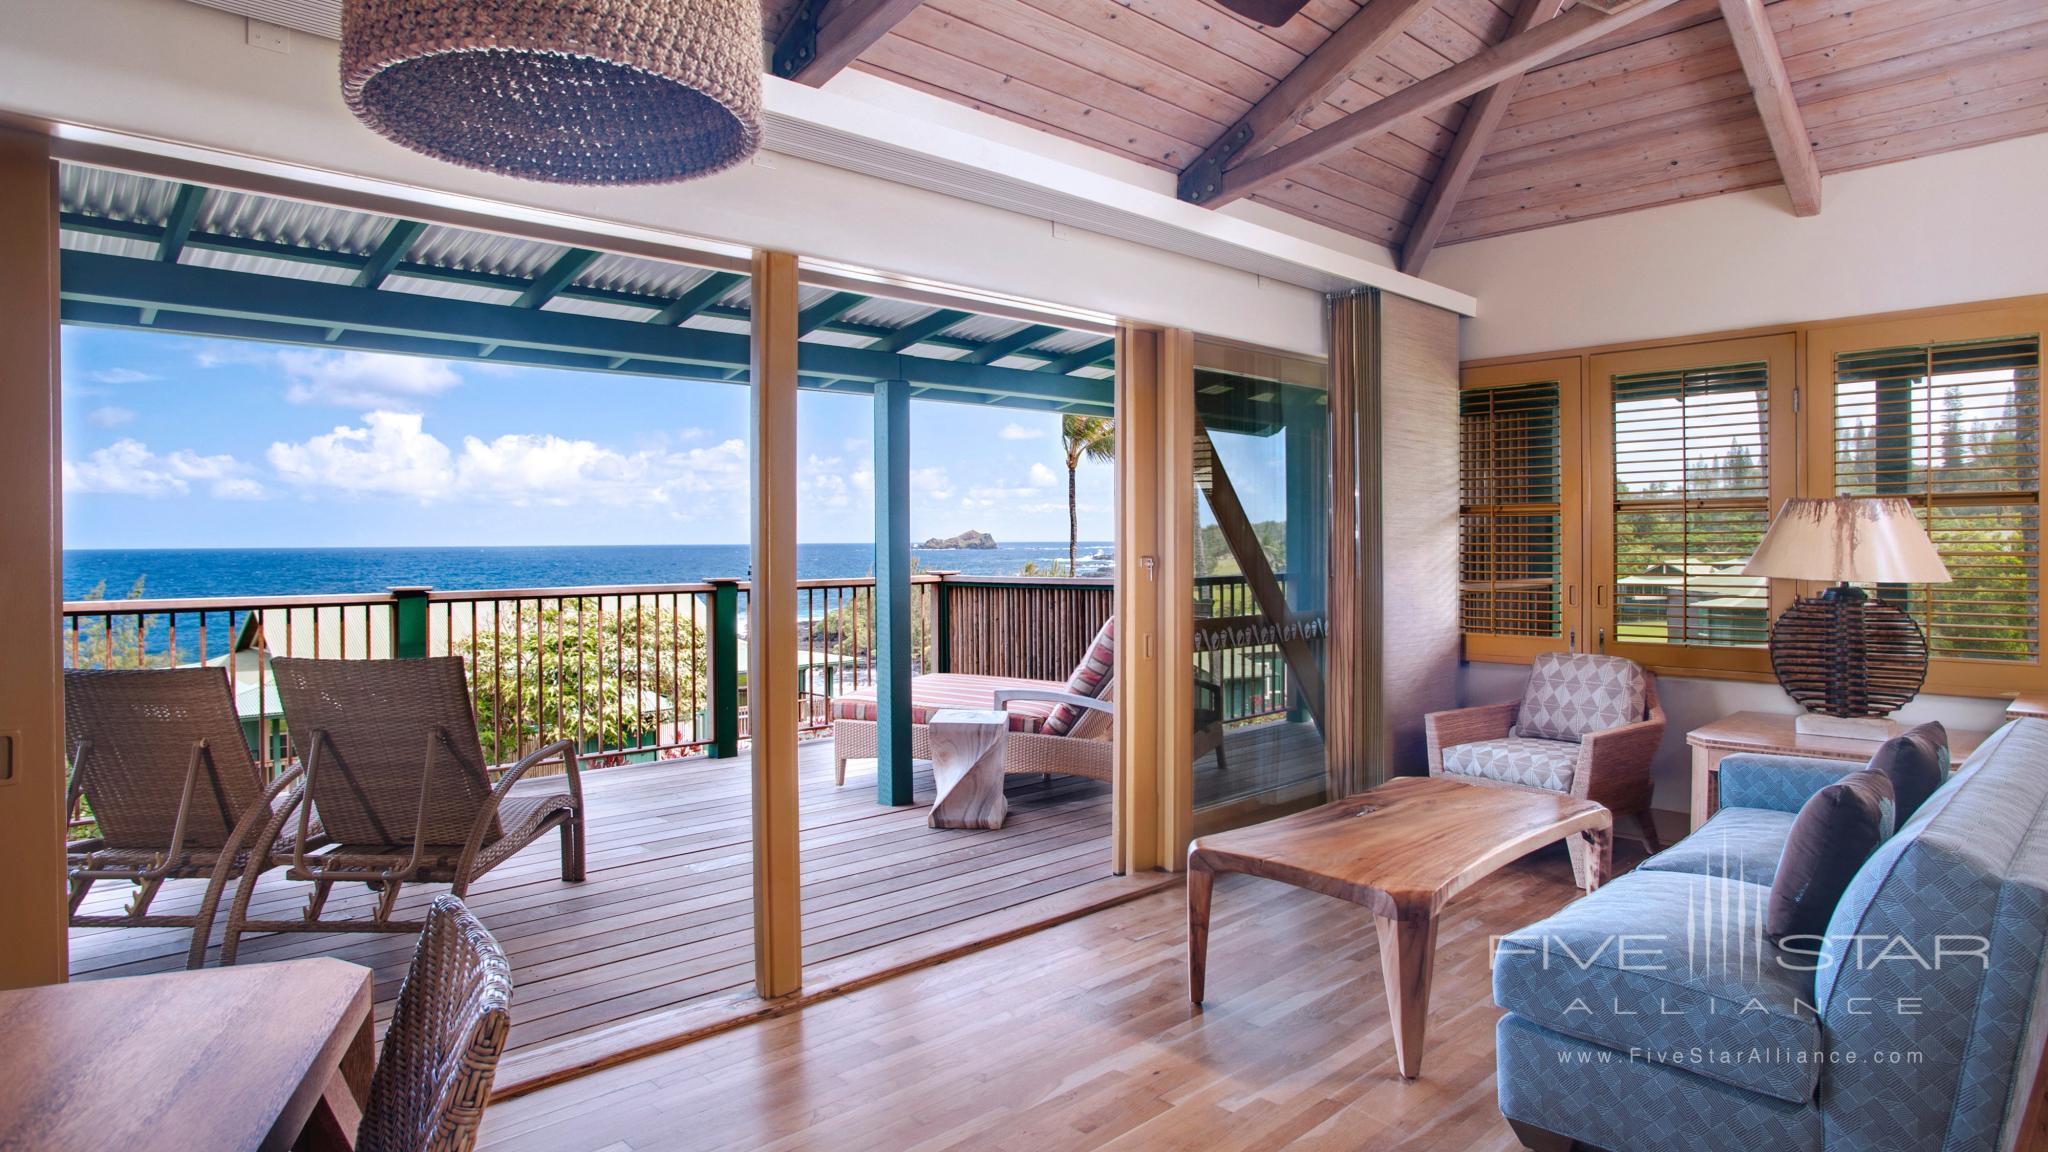 Hana-Maui Resort Ocean View Bungalow